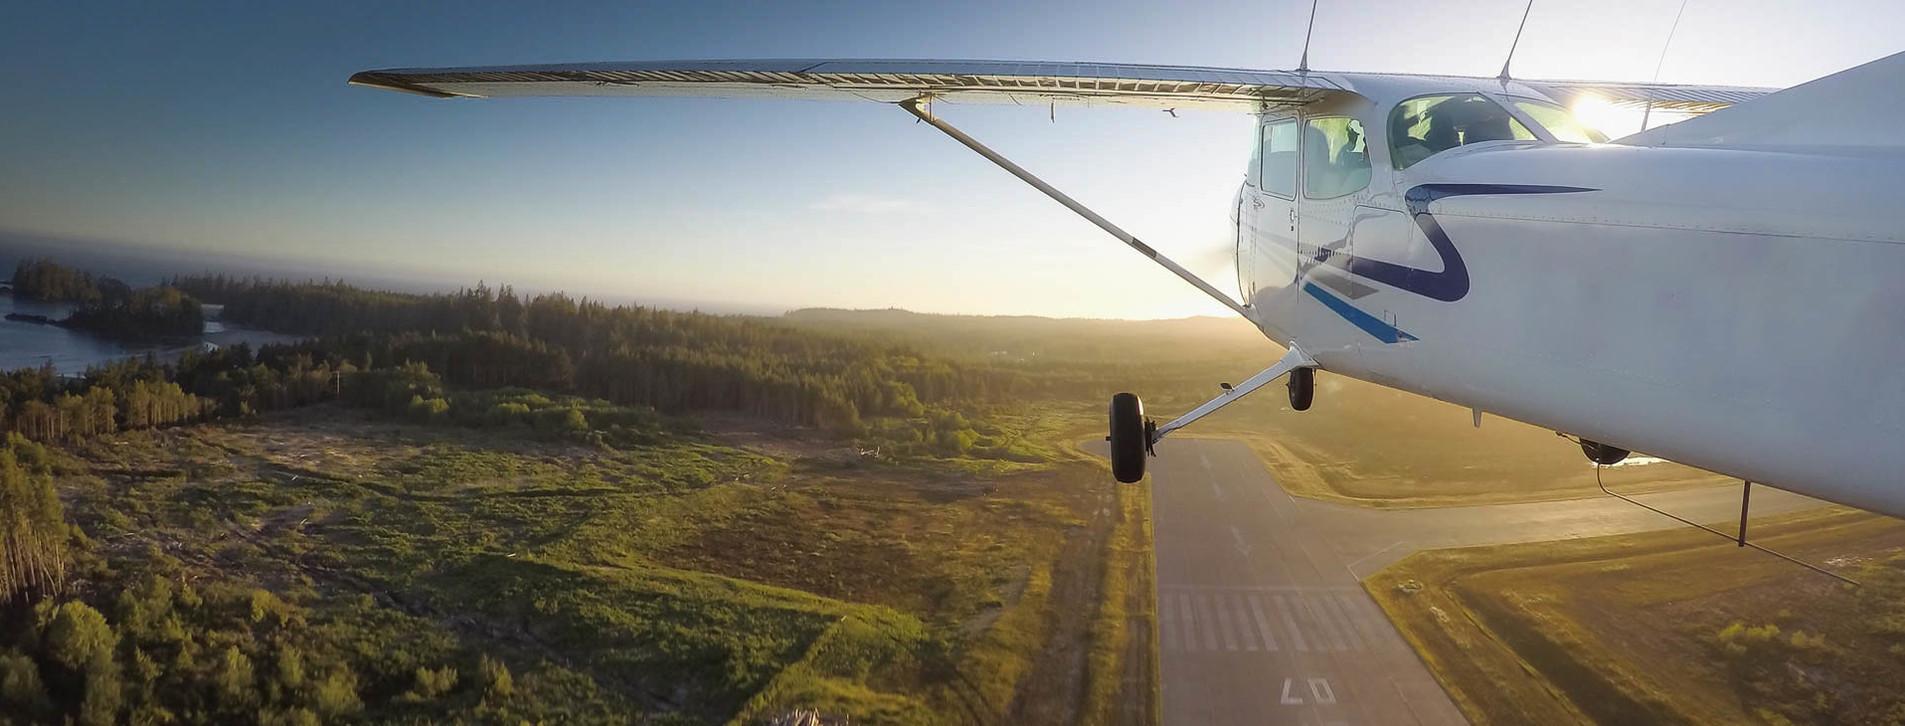 Фото - Політ на літаку над Дніпром